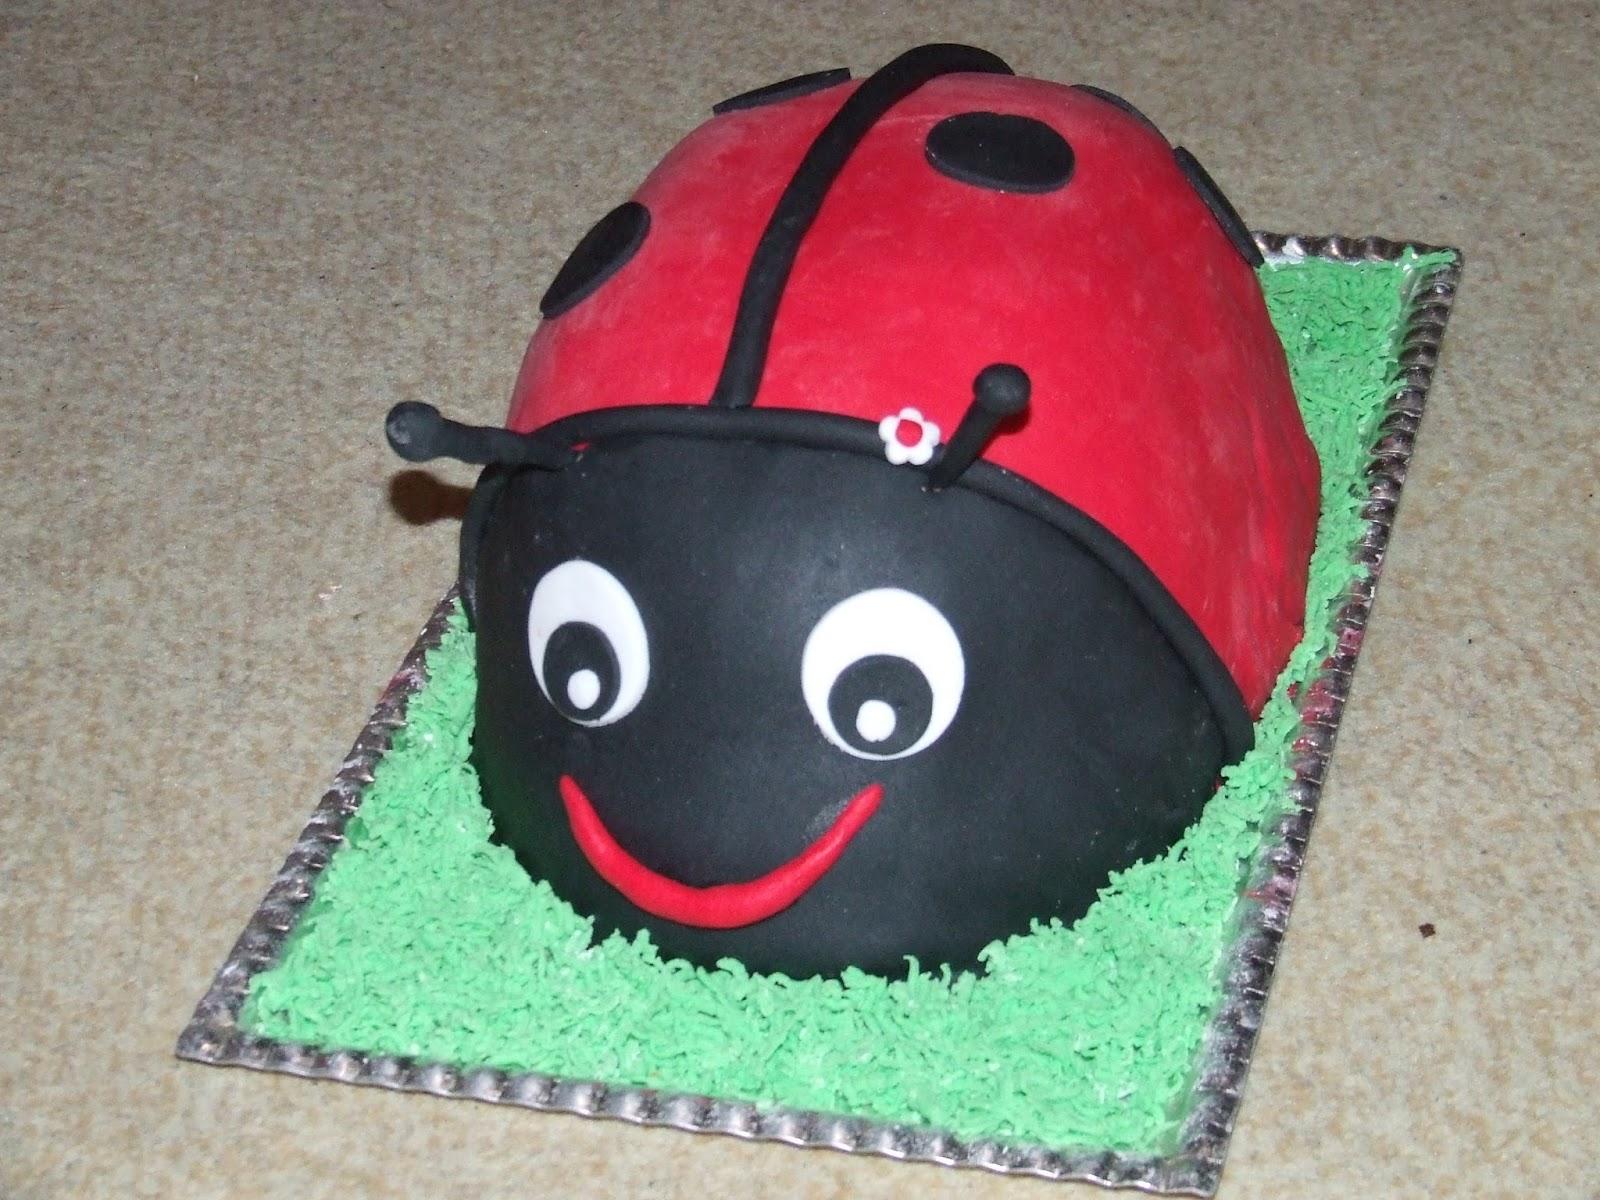 katicabogár torta képek Mindennapi Praktikák: Katicabogár torta  Mírának :)   sütés, főzés  katicabogár torta képek